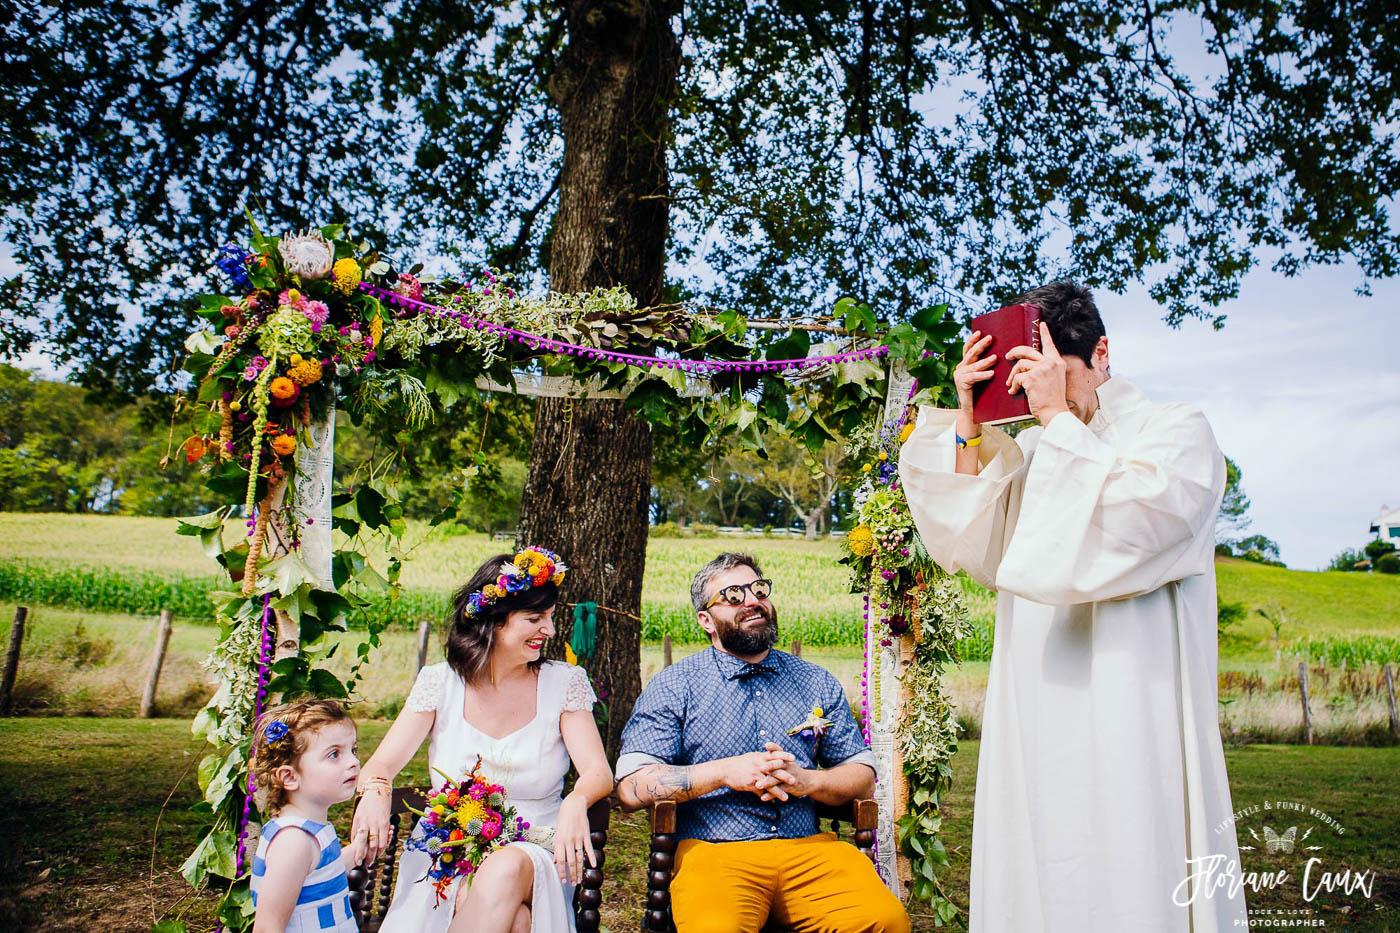 photographe-mariage-pays-basque-saint-jean-de-luz (49)